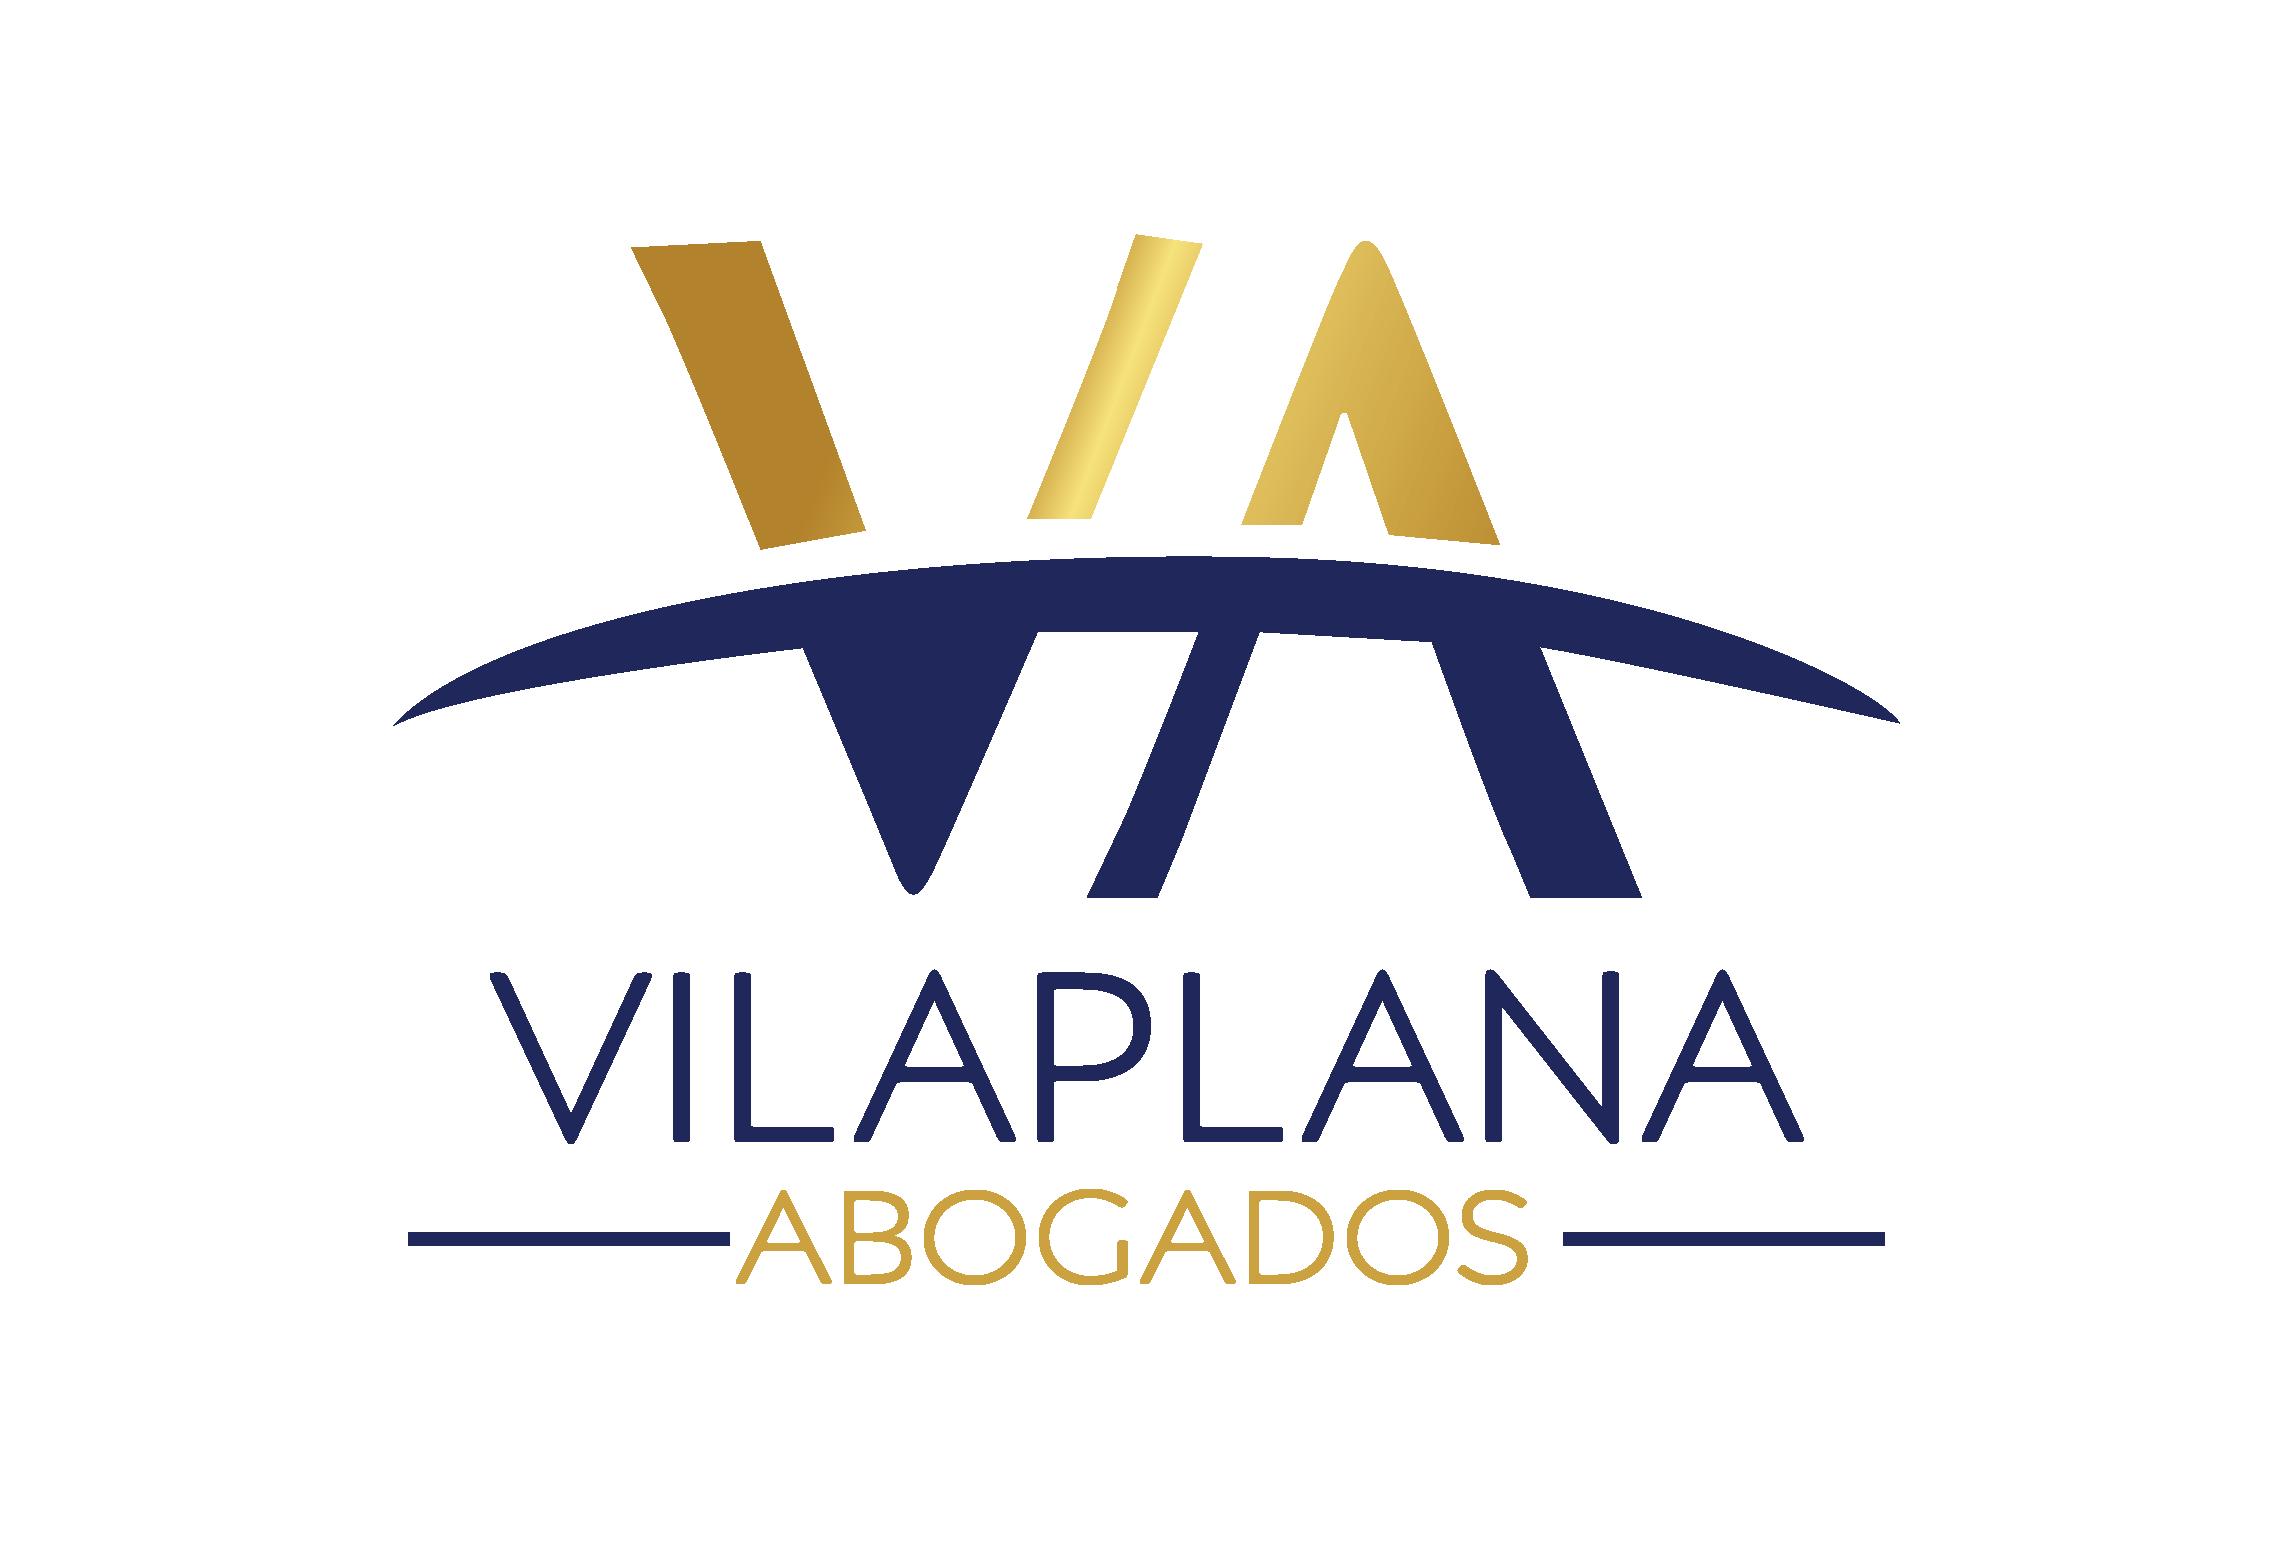 VILAPLANAABOGADOS